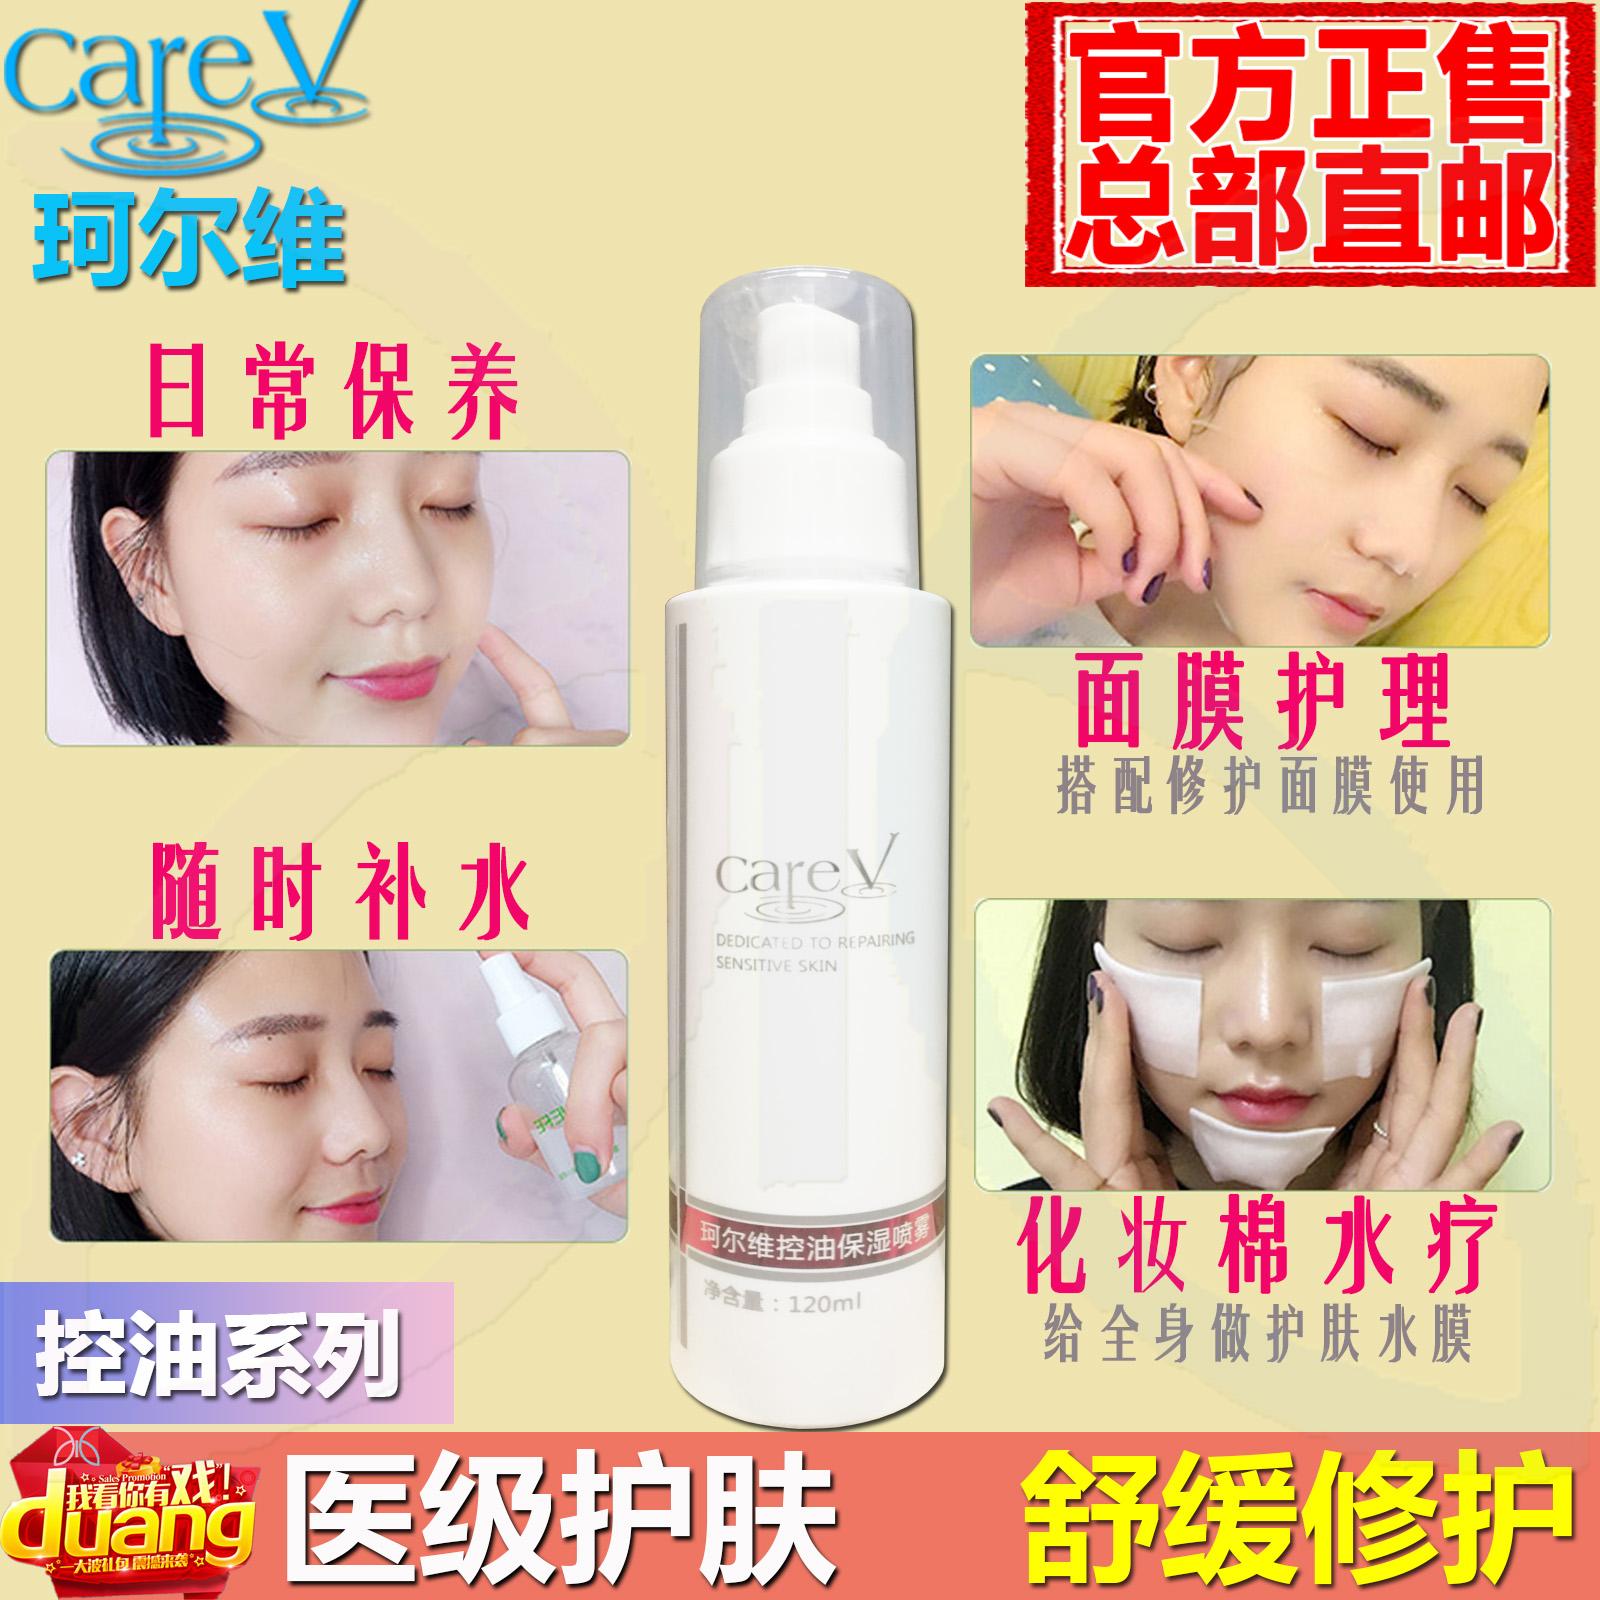 美连梦CareV珂尔维控油保湿喷雾舒缓调理补充水分抗过敏感肌肤